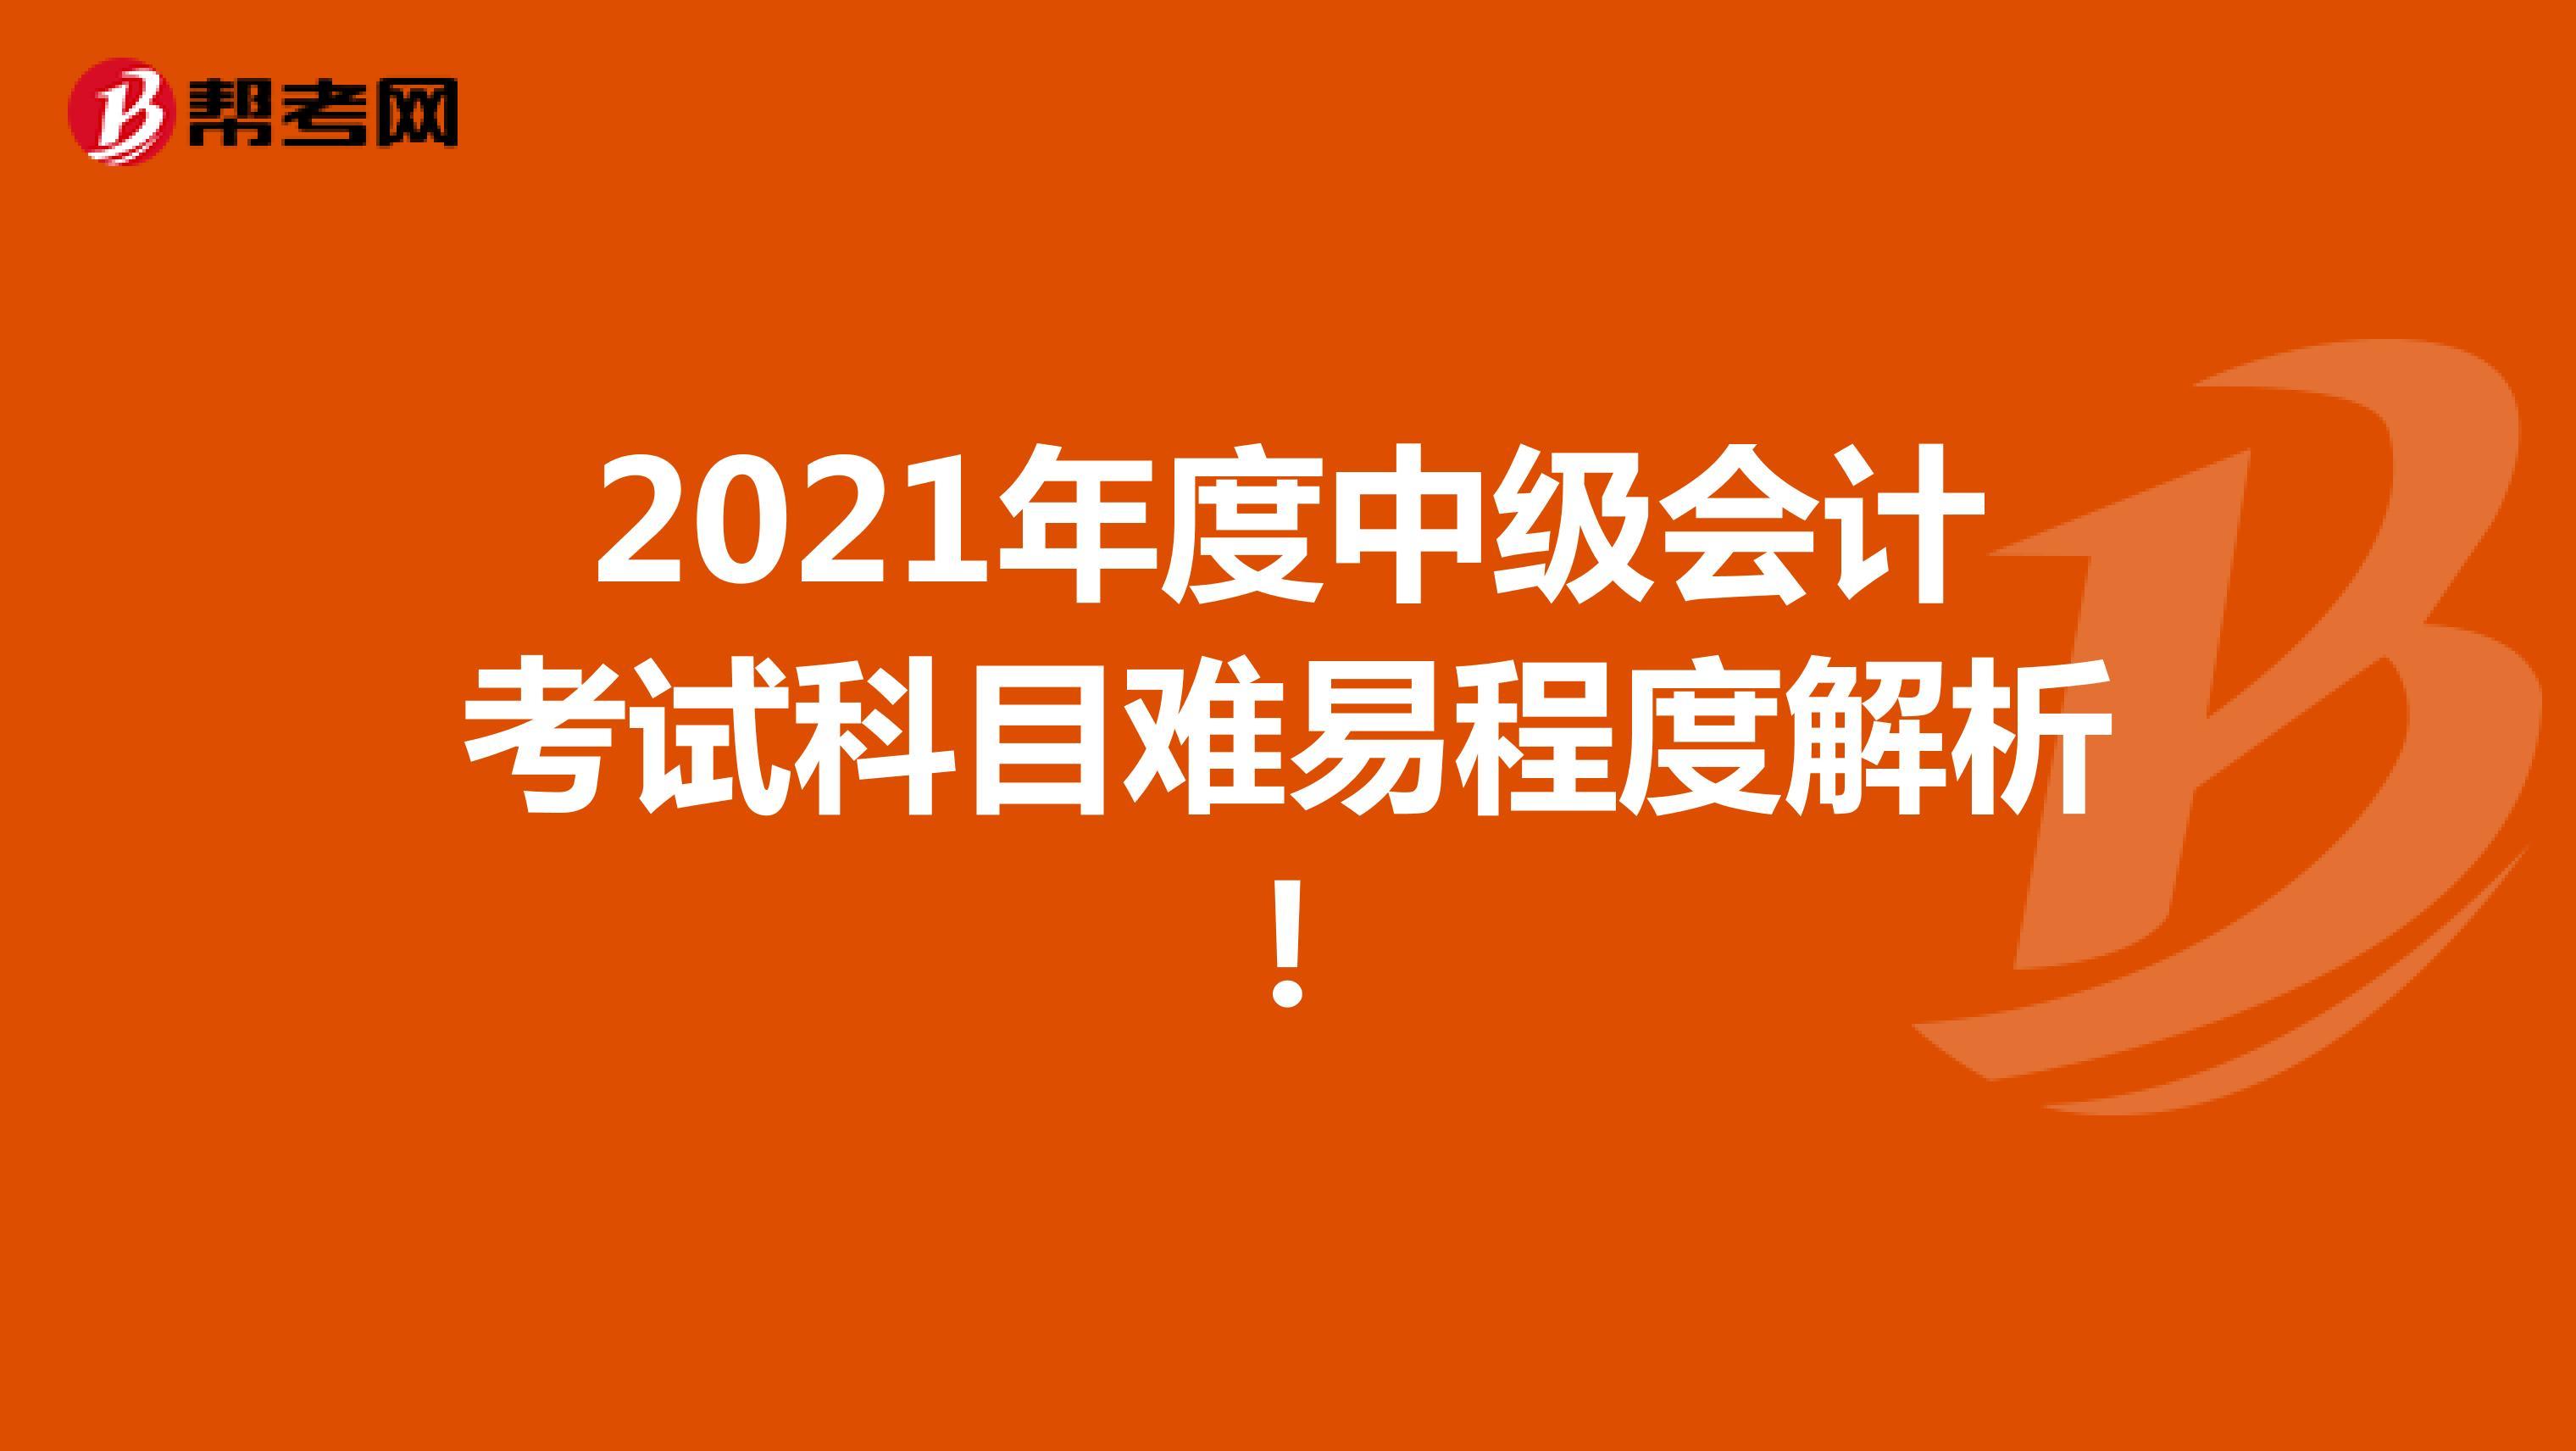 2021年度中级会计考试科目难易程度解析!